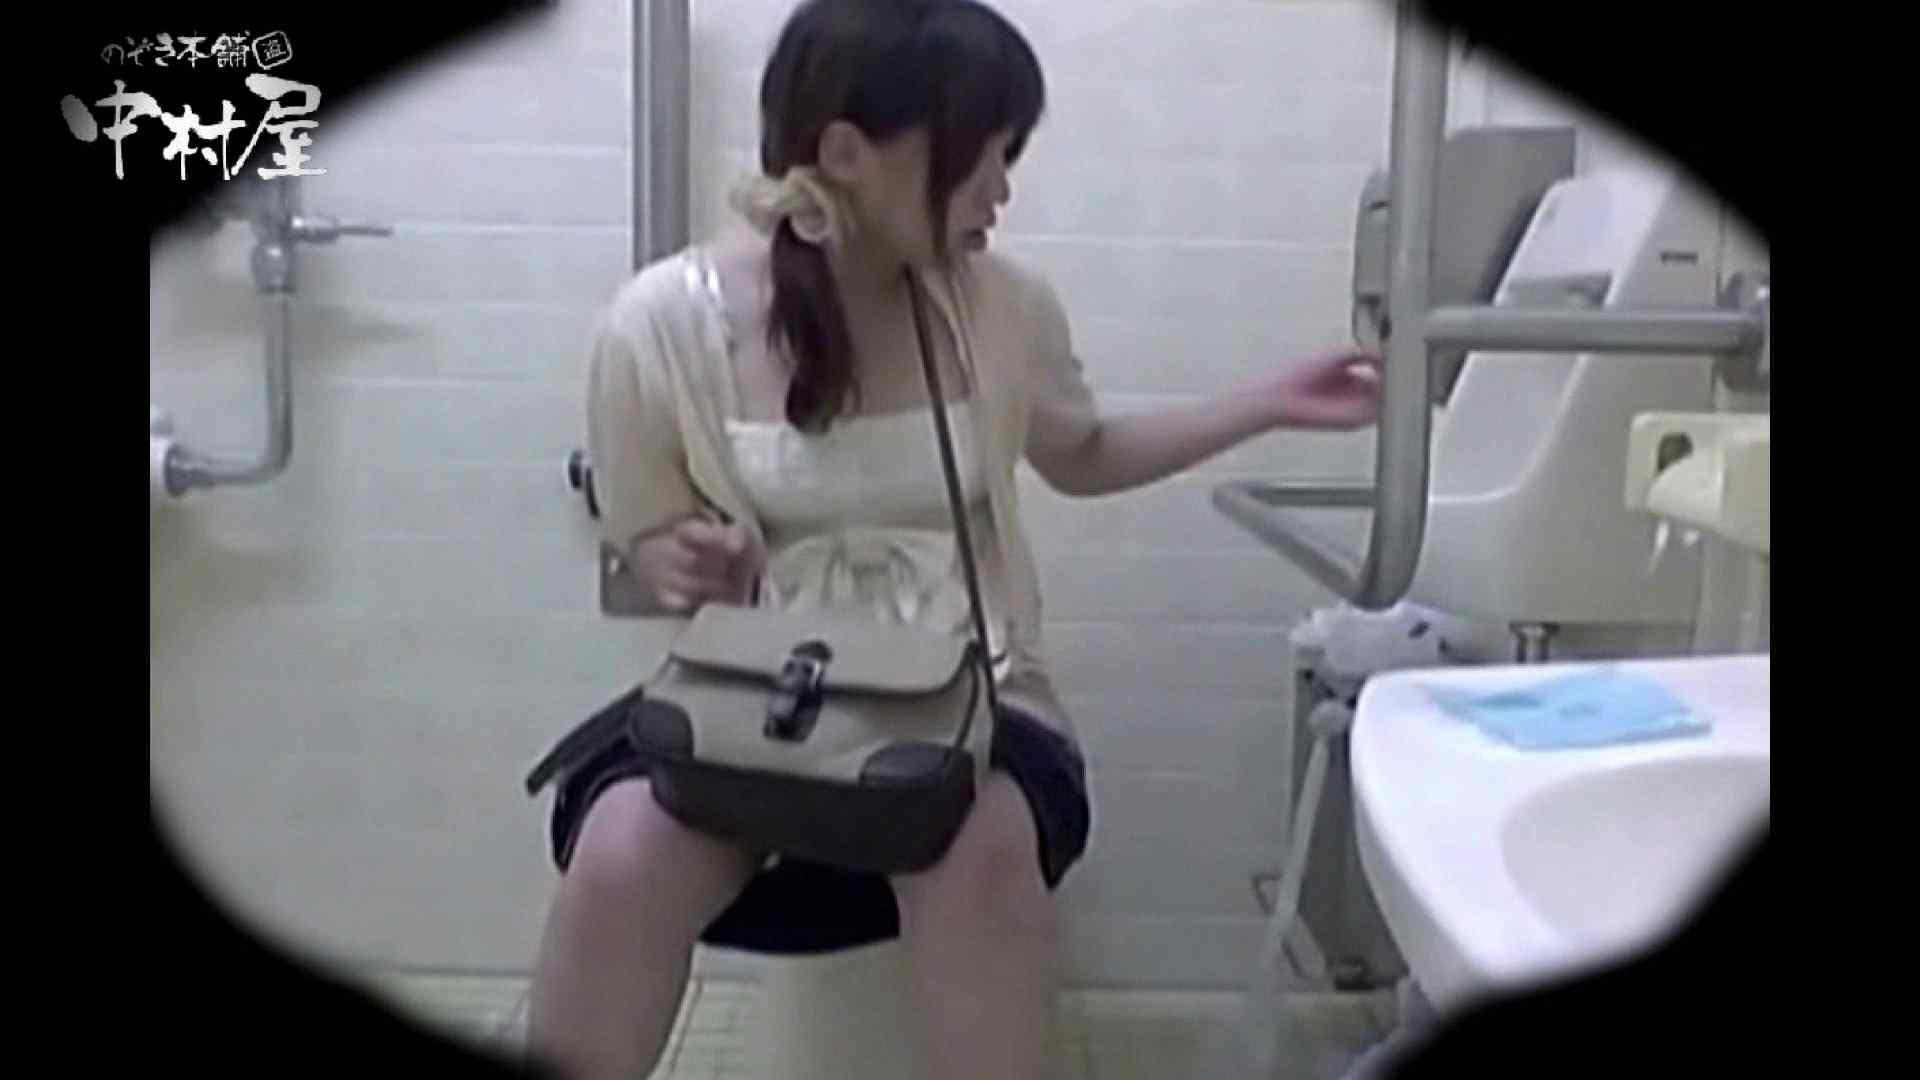 teen galトイレ覗き紙がナイ編‼vol.11 トイレ 盗撮 96PIX 93